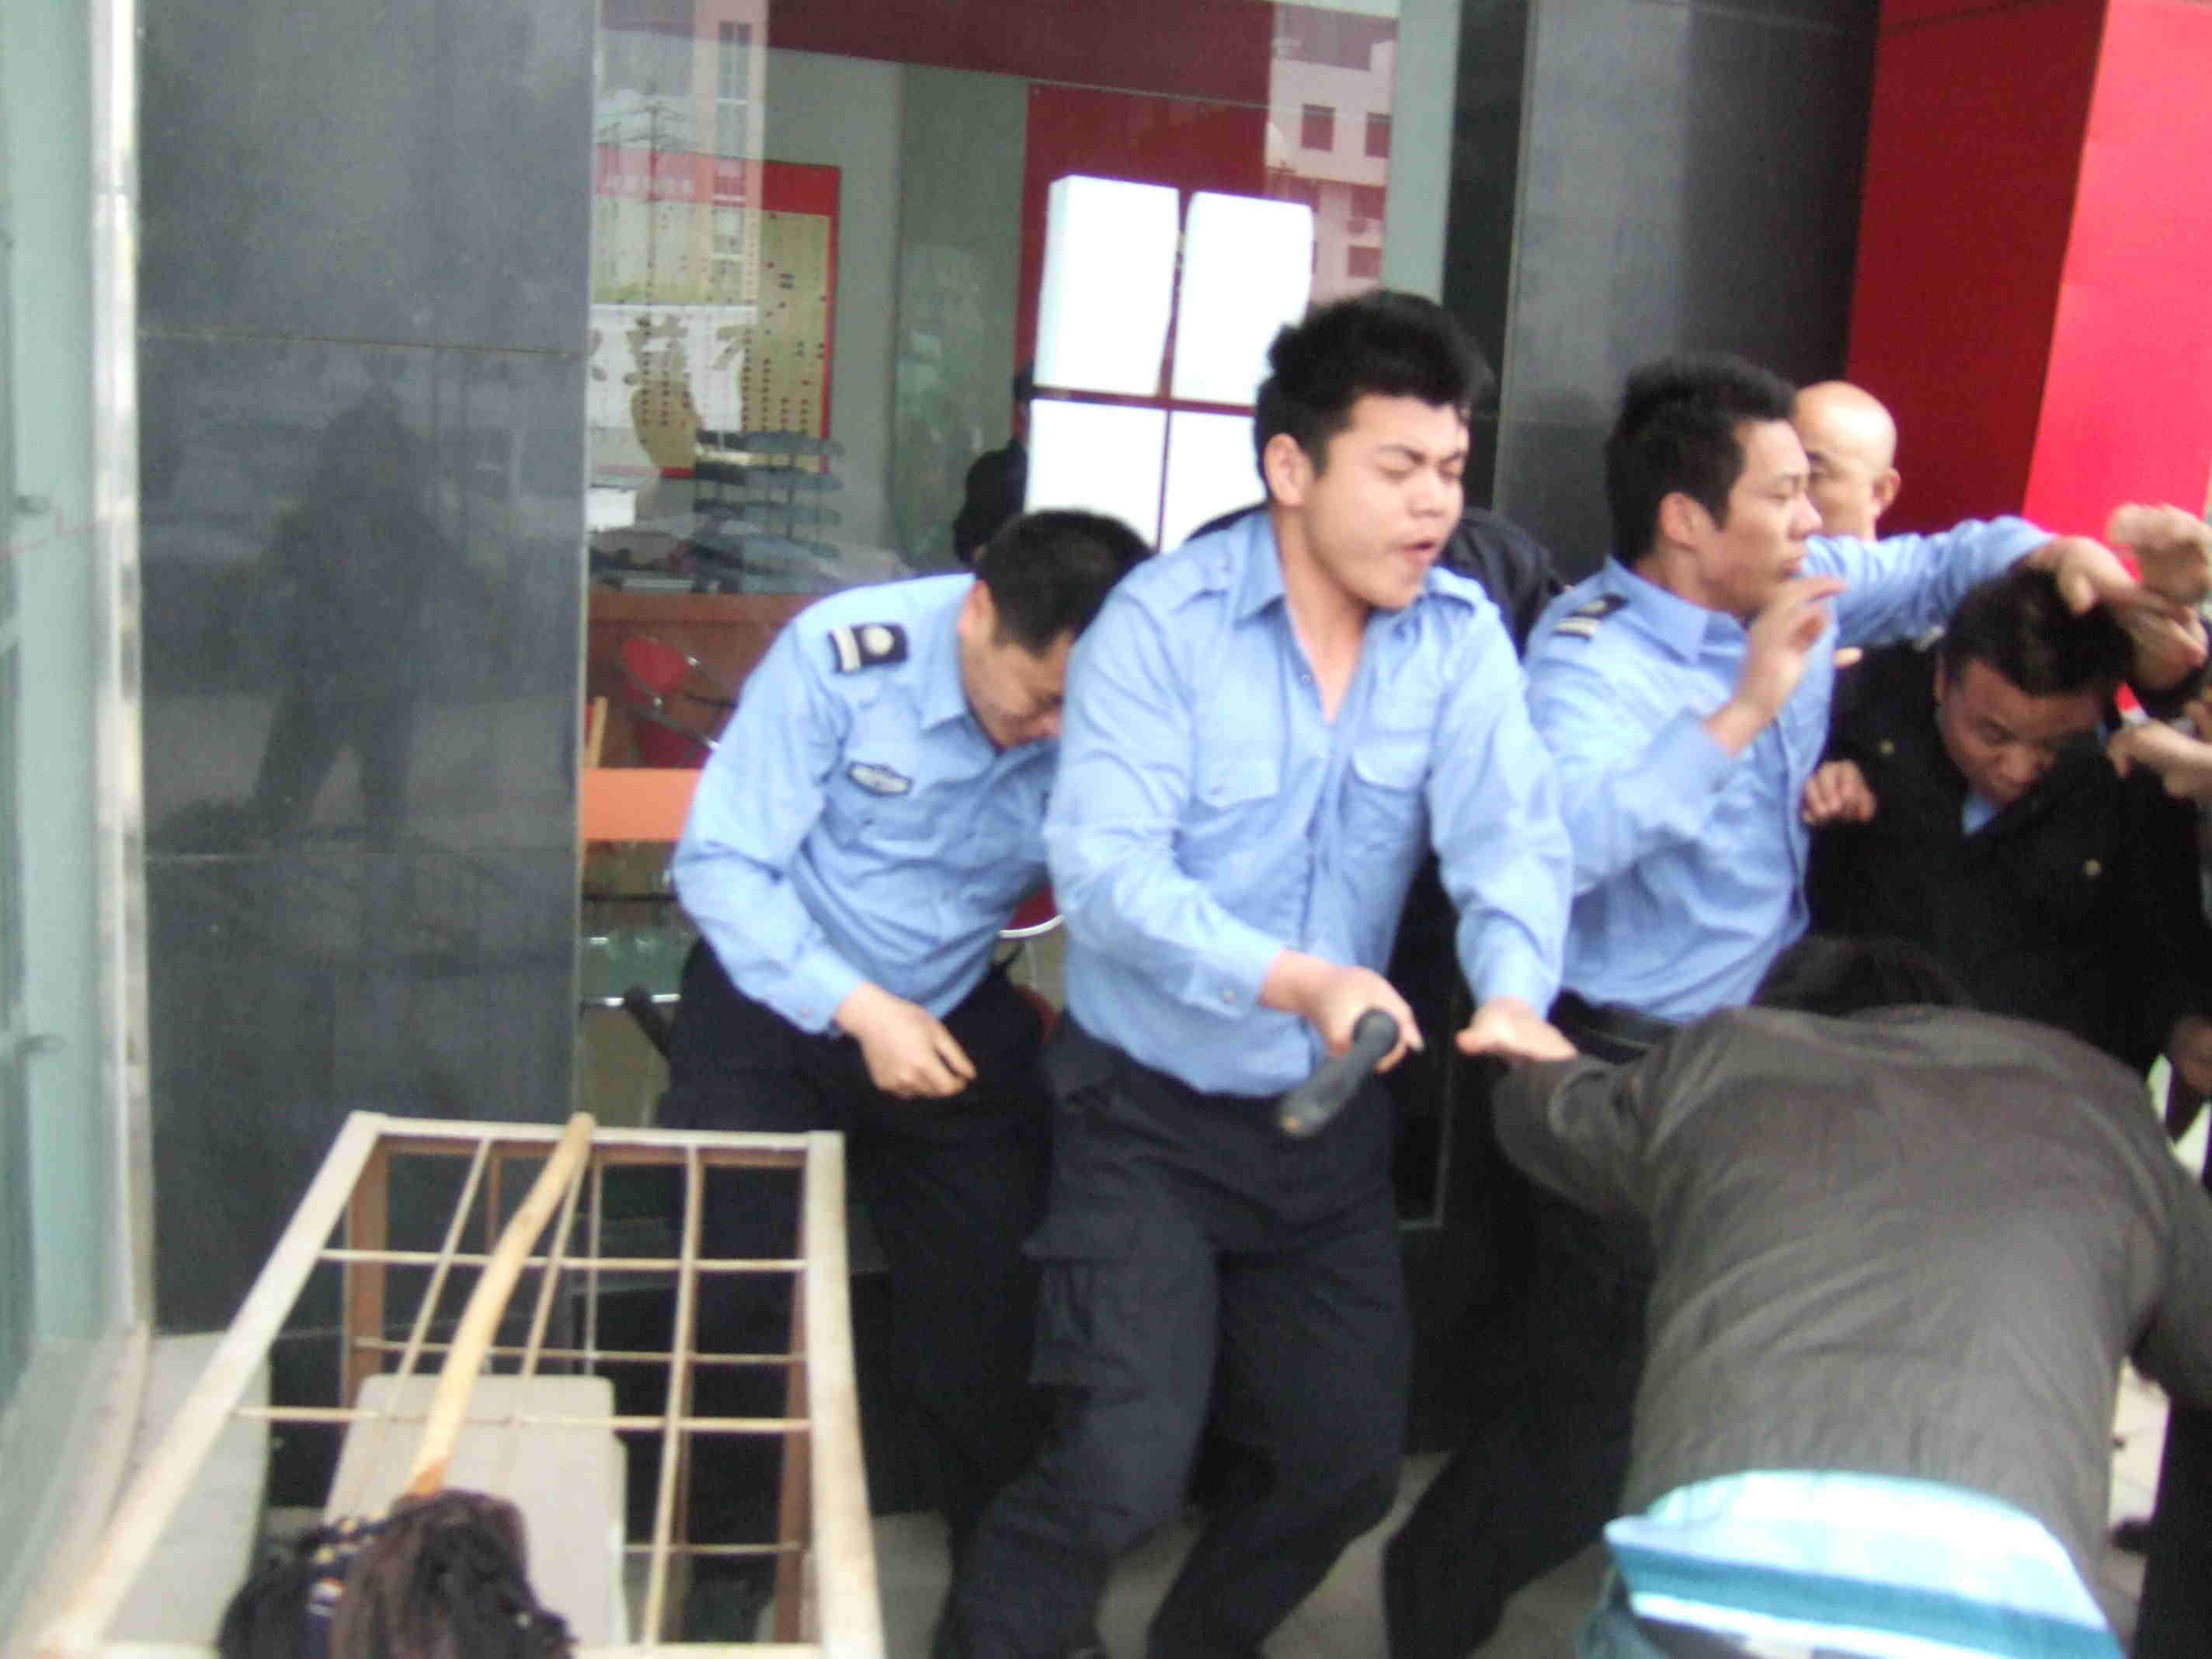 我们的职工现在被他们的保安被电棒连抽带打现在还住在开福区公安